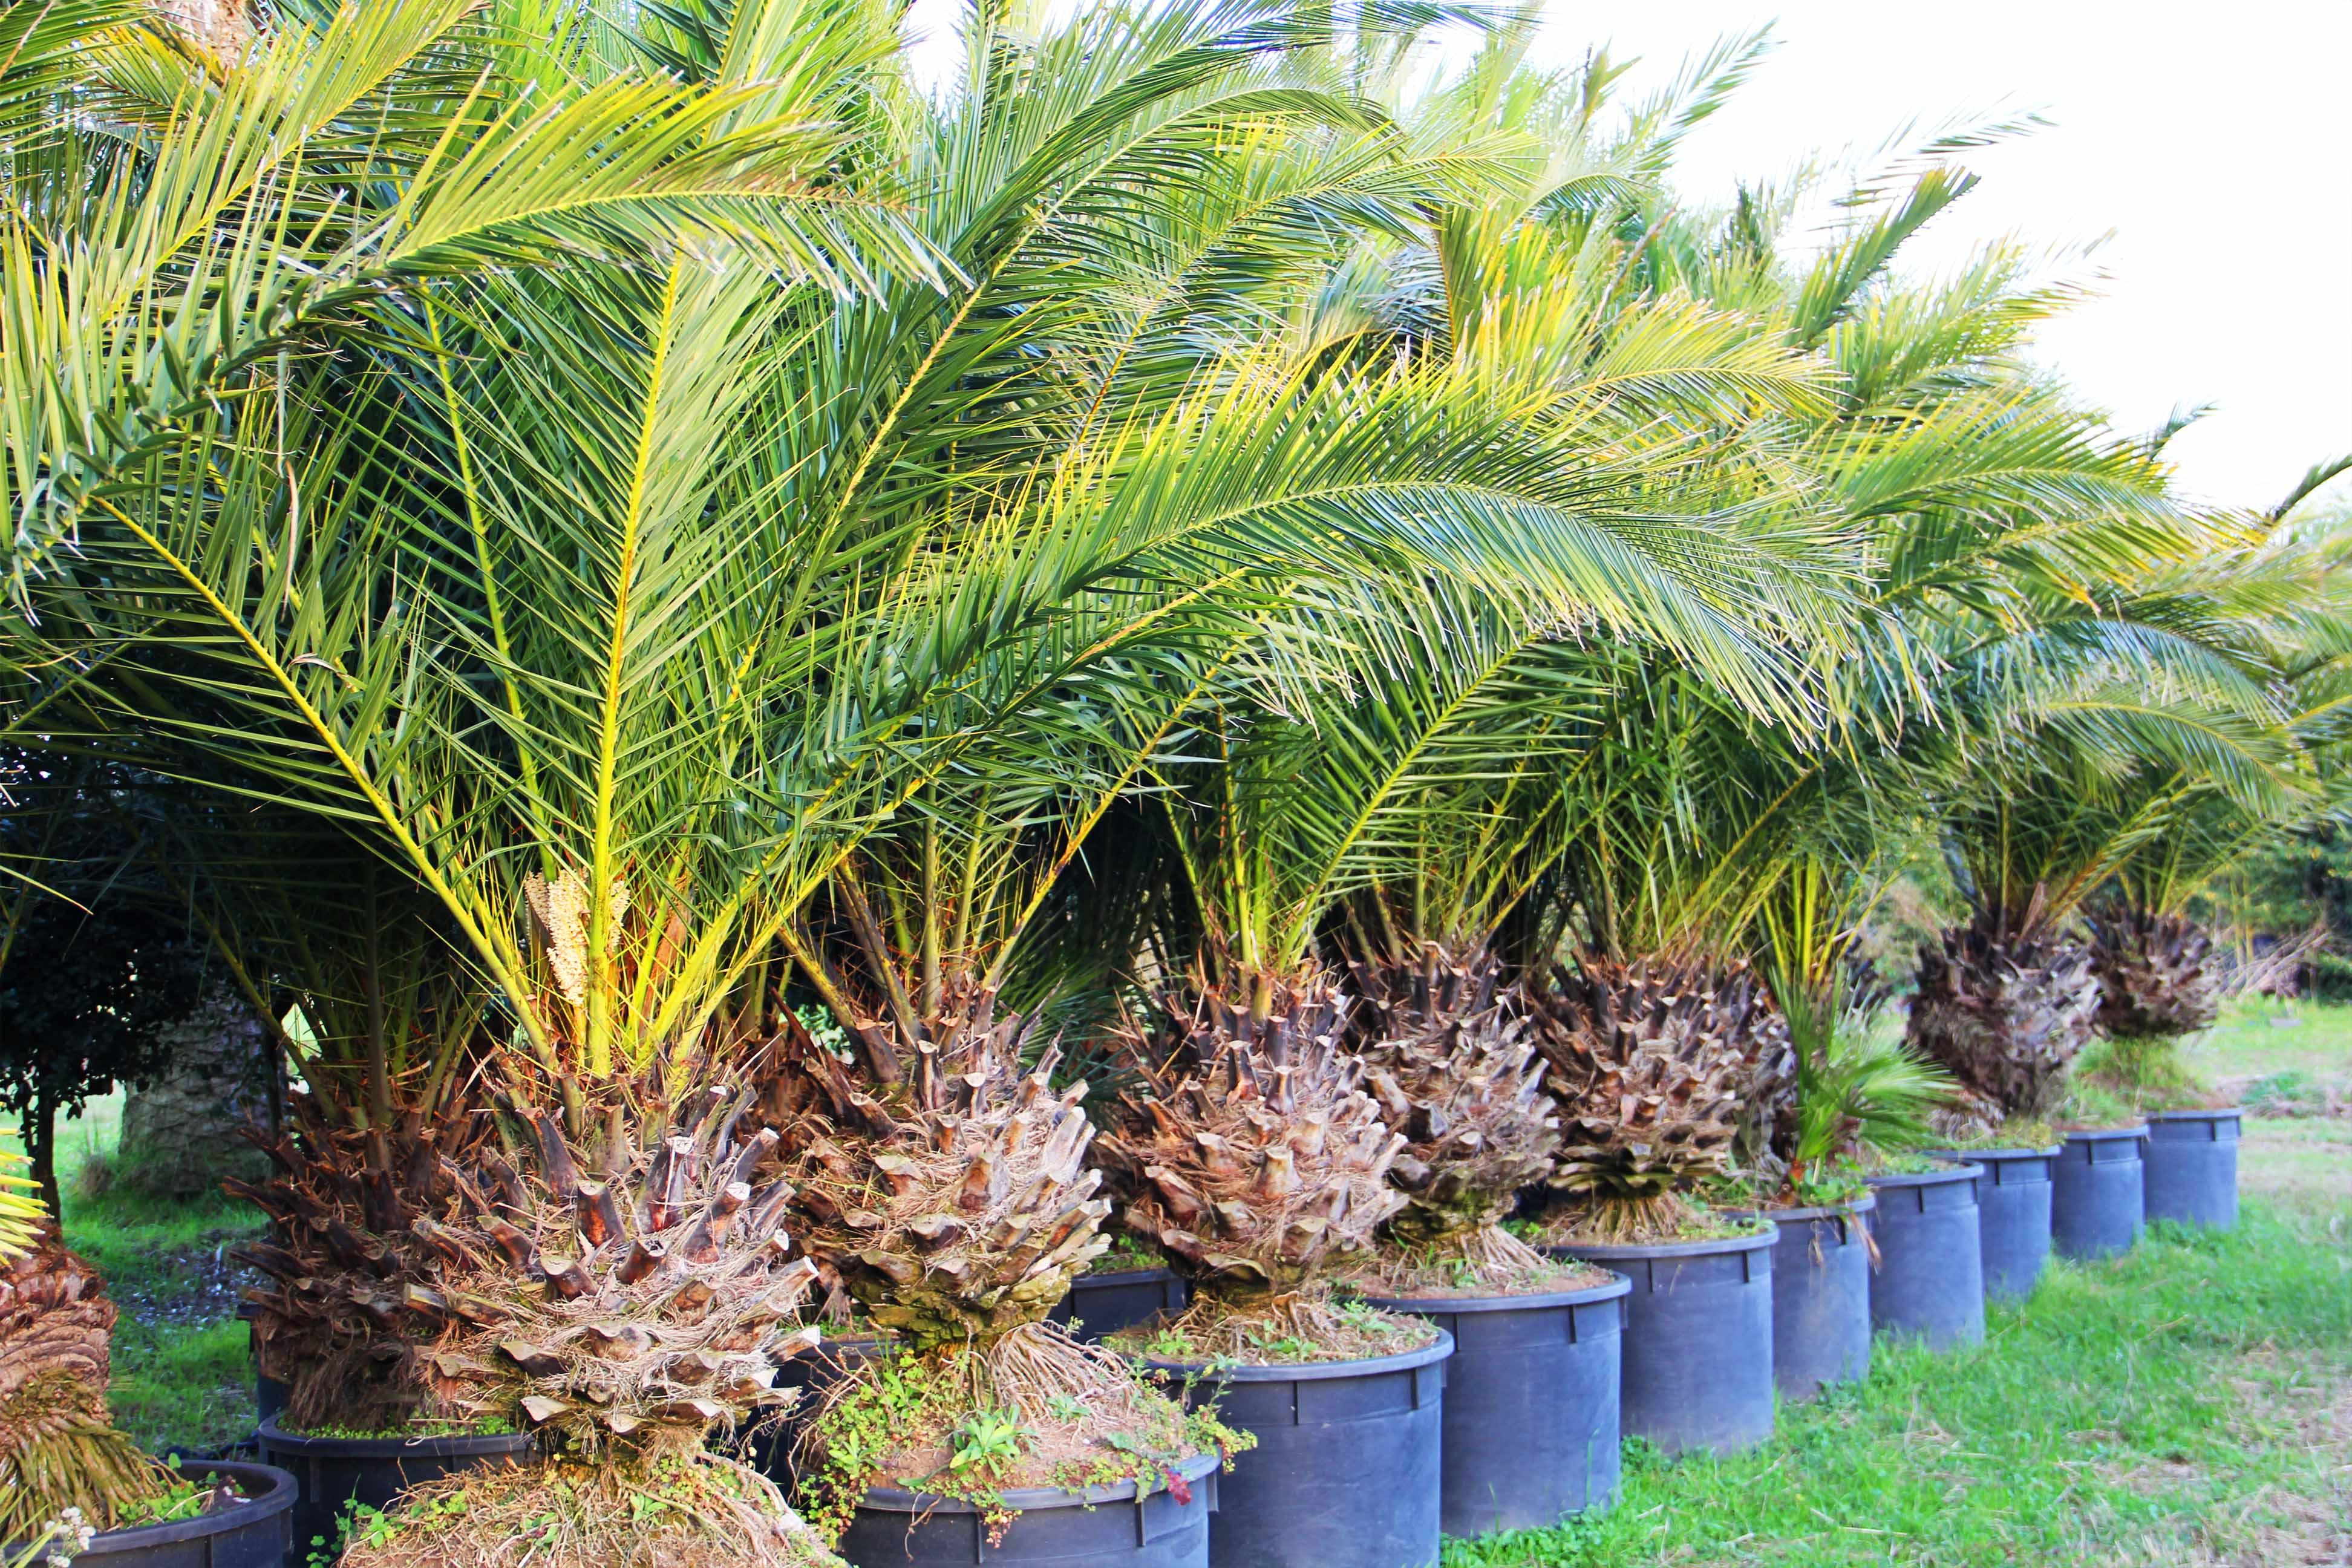 vivai in sicilia di palme